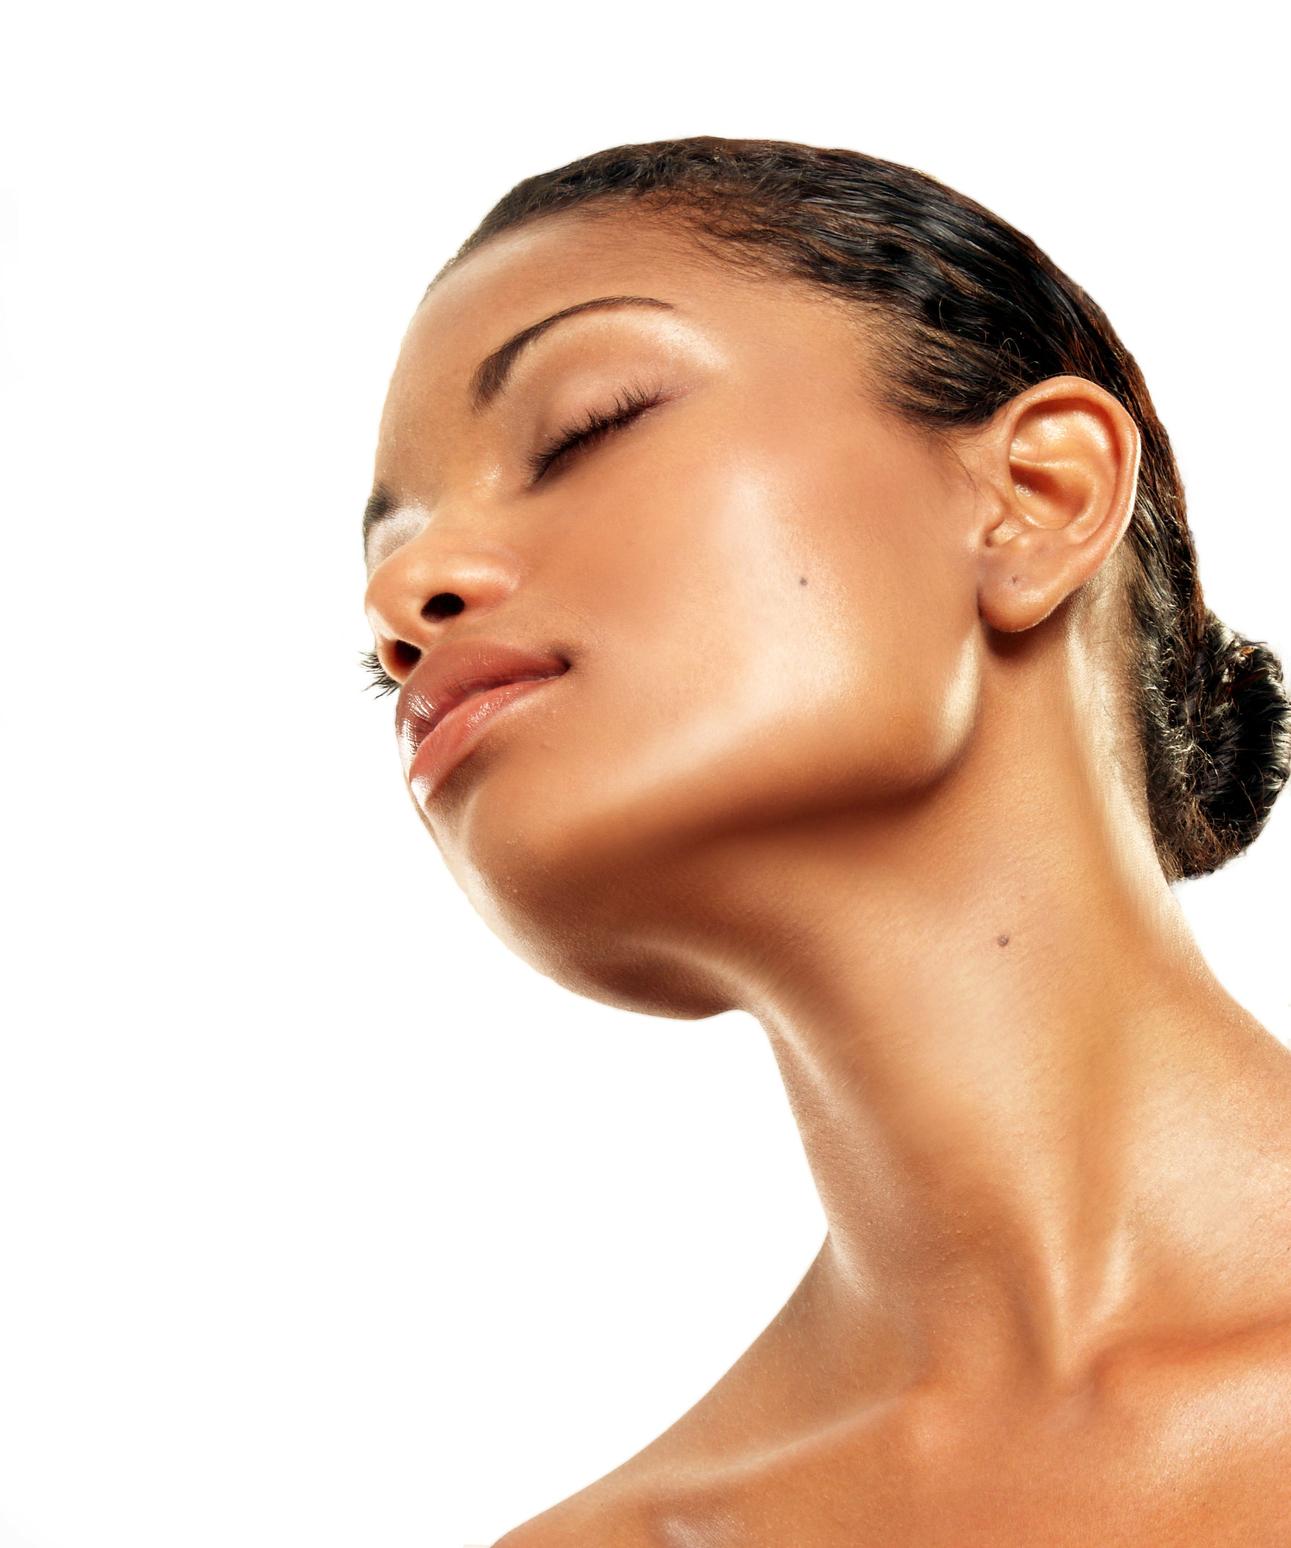 Nefertiti-non-surgical-facelift.jpg